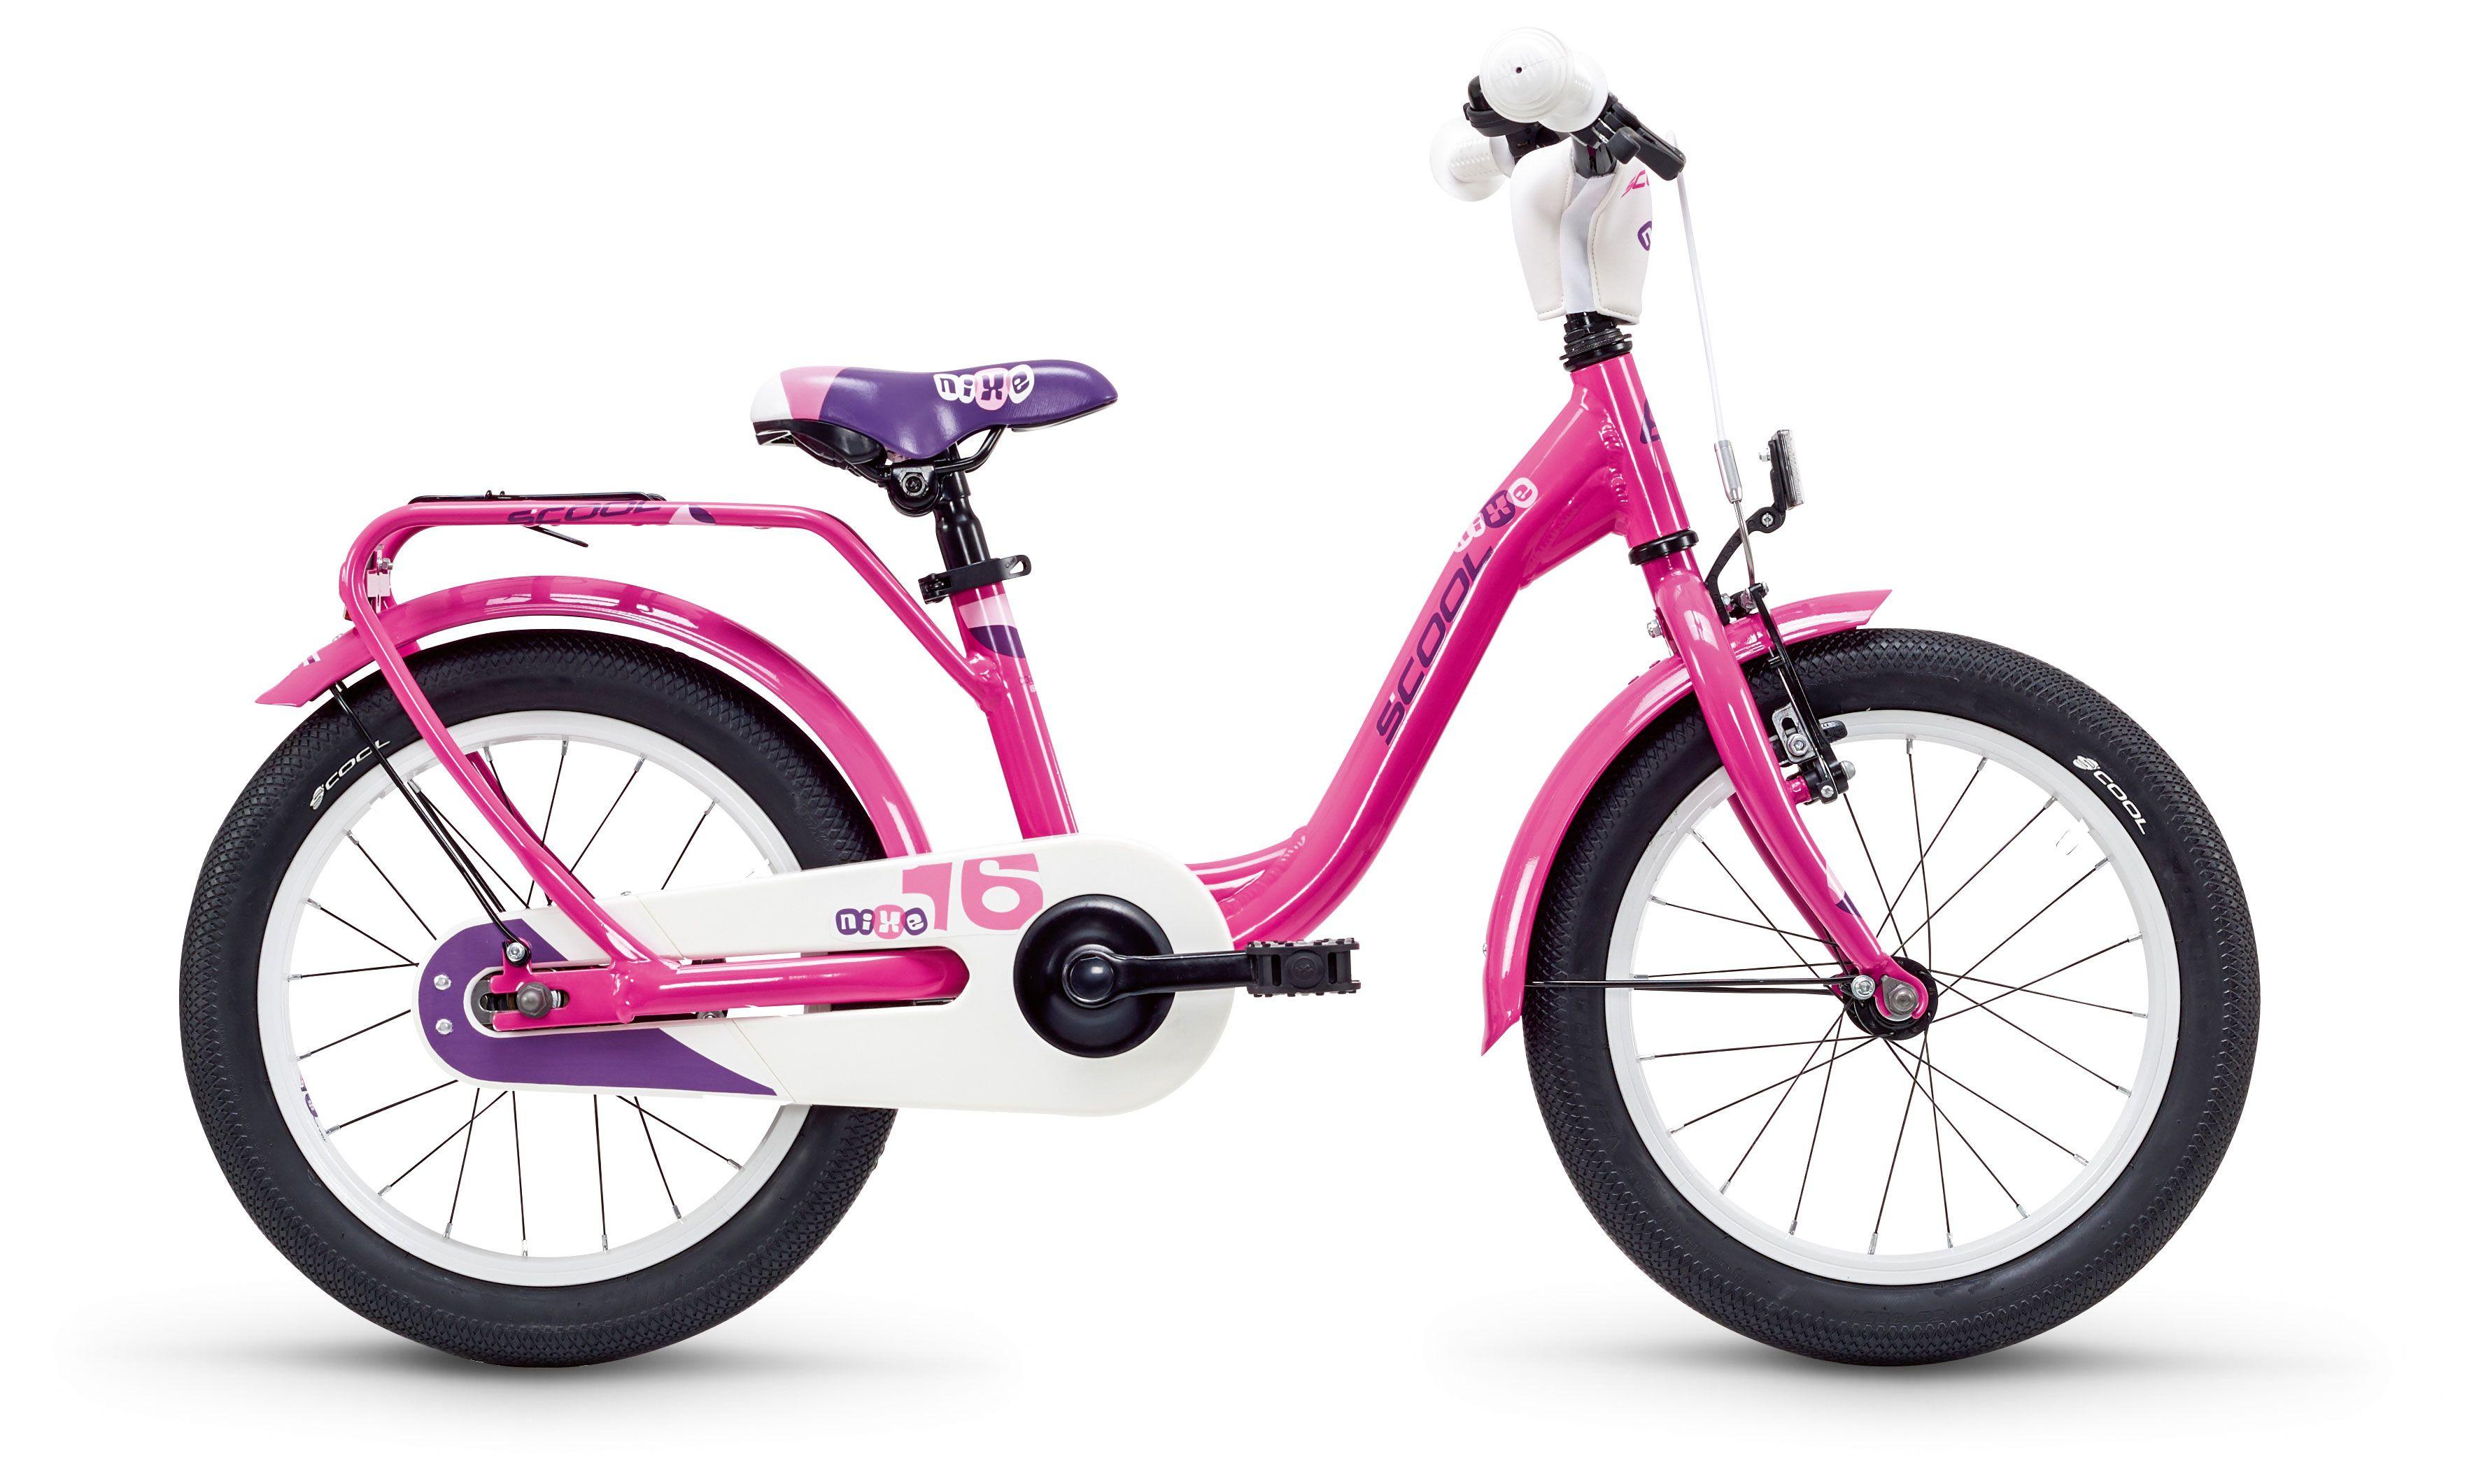 цена на Велосипед Scool niXe alloy 16 1-S 2018